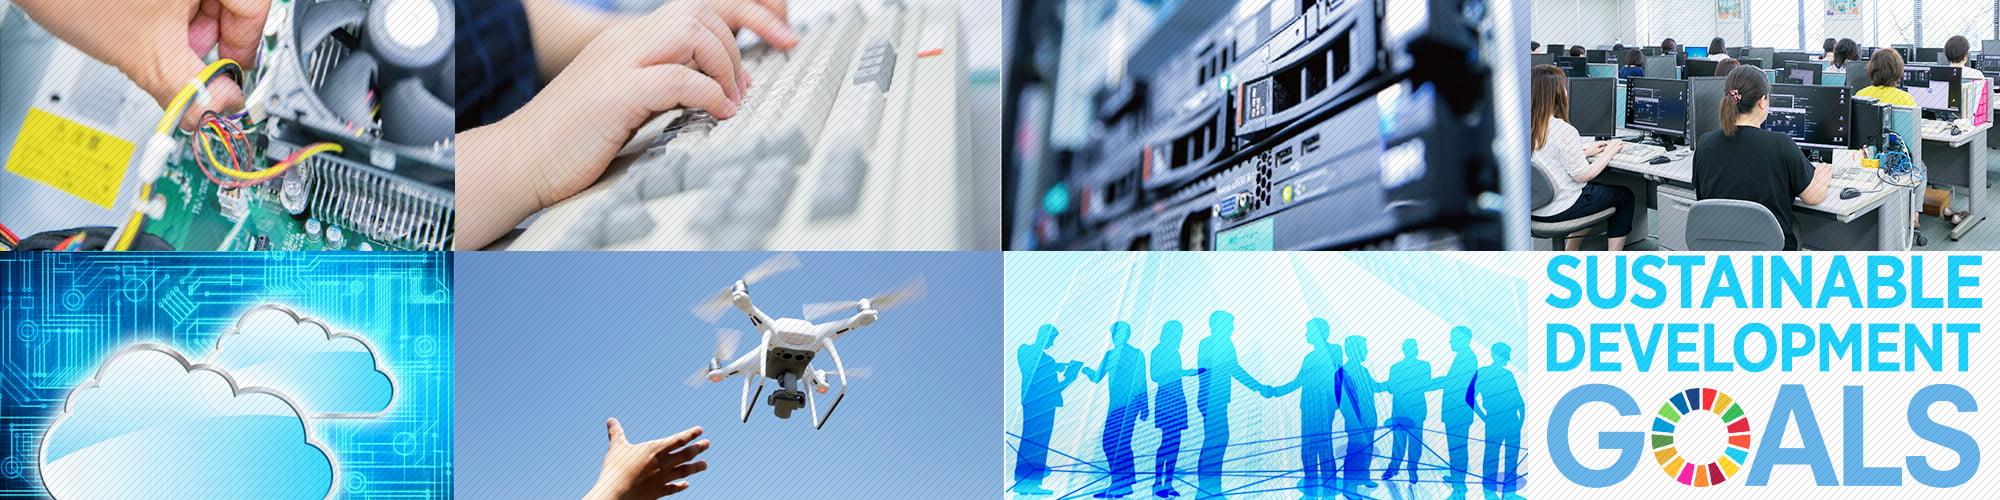 サービス体系 株式会社オーイーシー ソフトウェア開発 ネットワーク構築